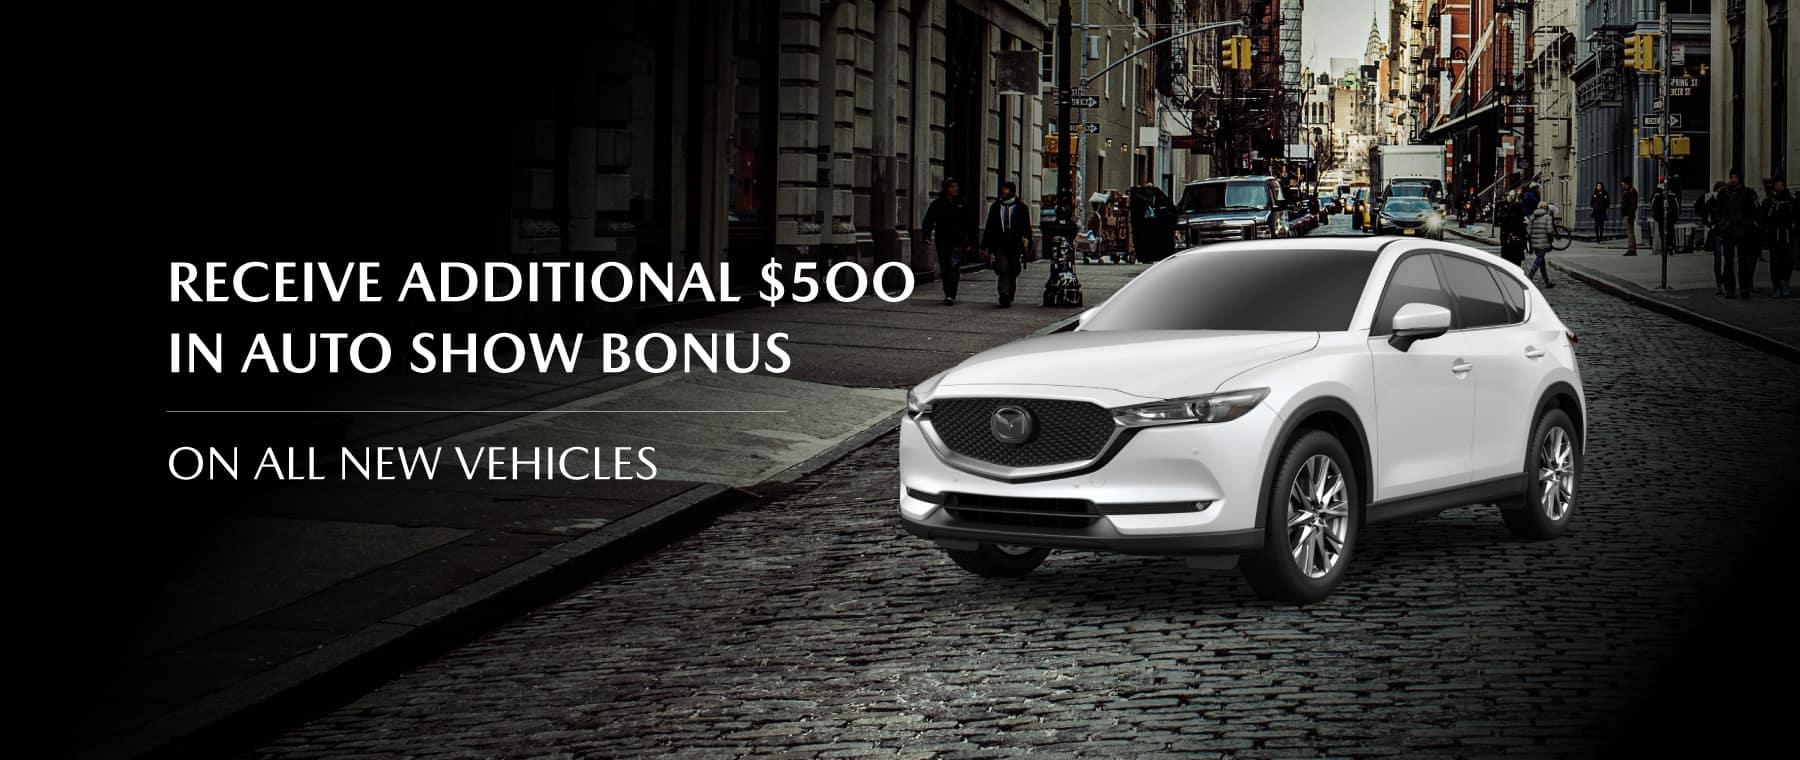 Mazda Auto Show Bonus